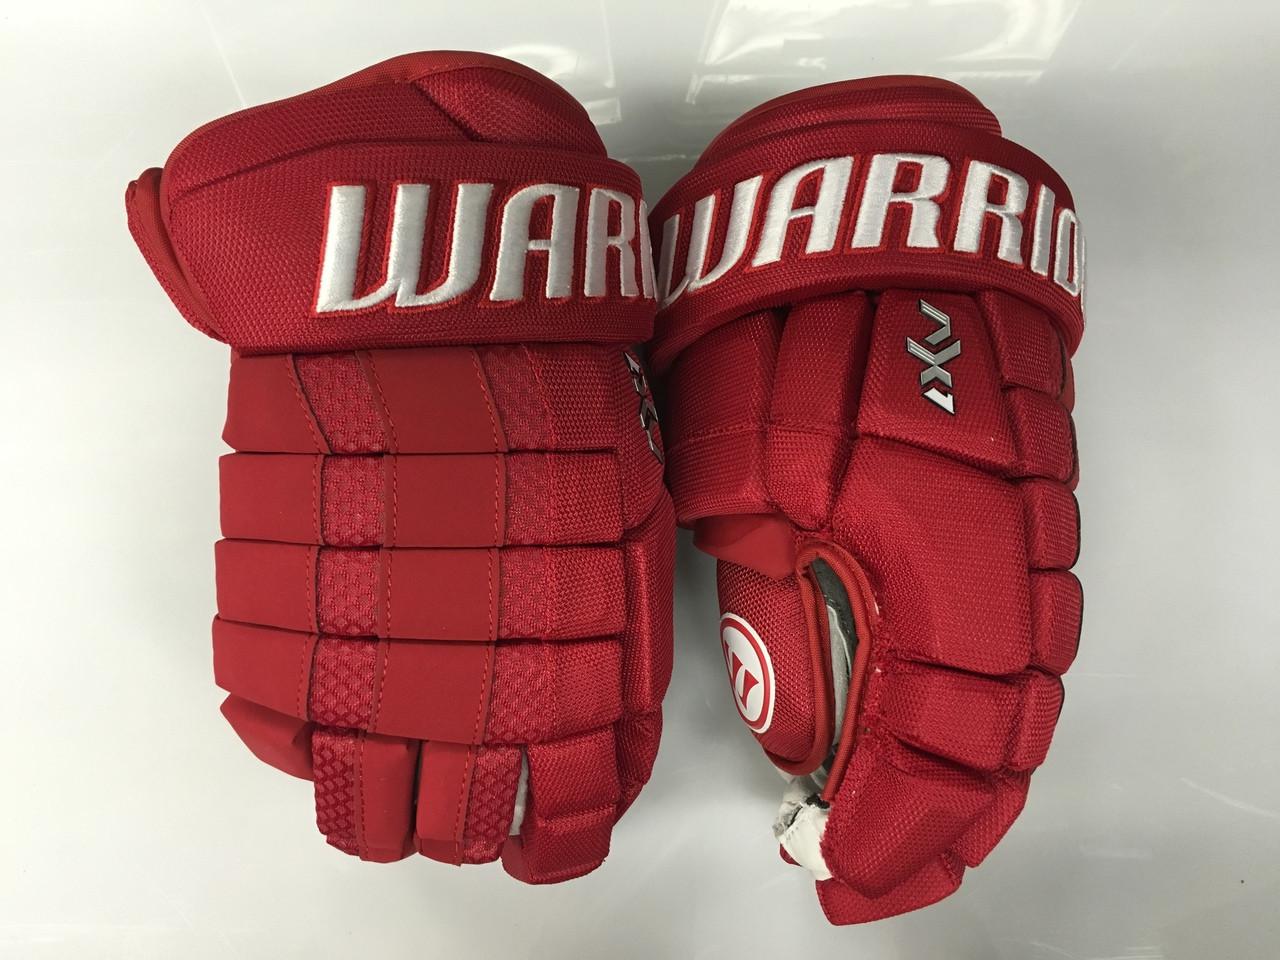 Warrior Dynasty AX1 Pro Stock Custom Hockey Gloves 15